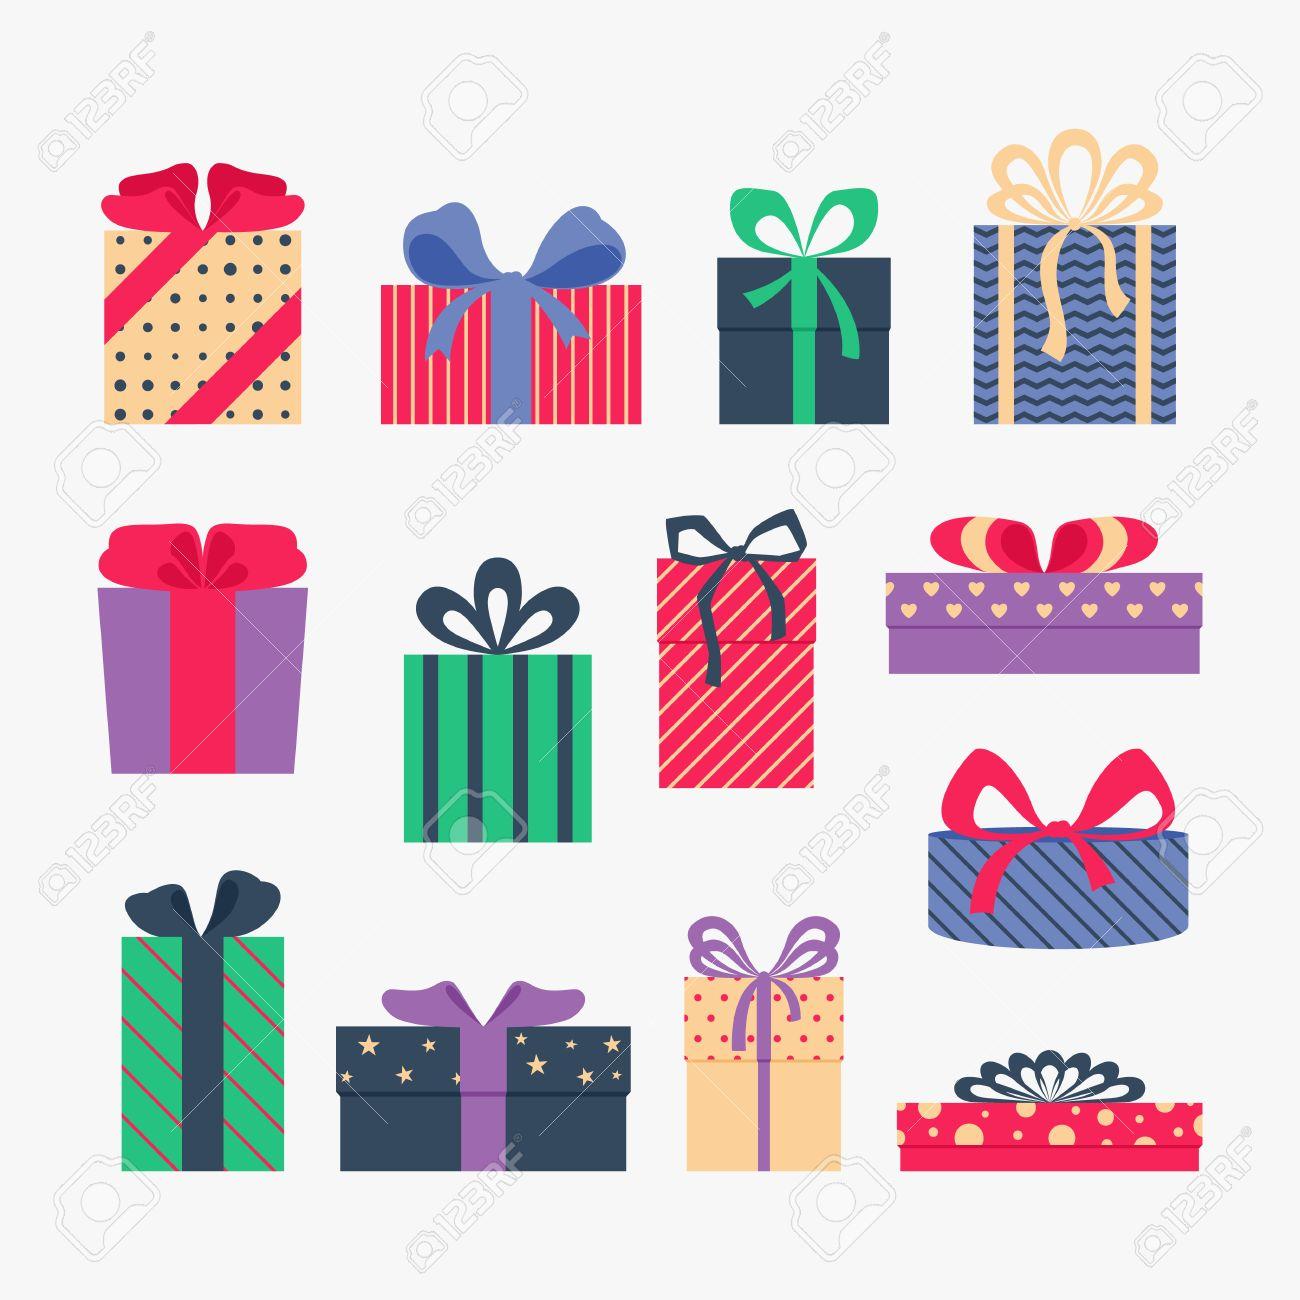 灰色の背景で隔離のかわいいカラフルなギフト ボックスのセットです。はがき、グリーティング カード。クリスマス プレゼント、販売。ベクトル イラスト。